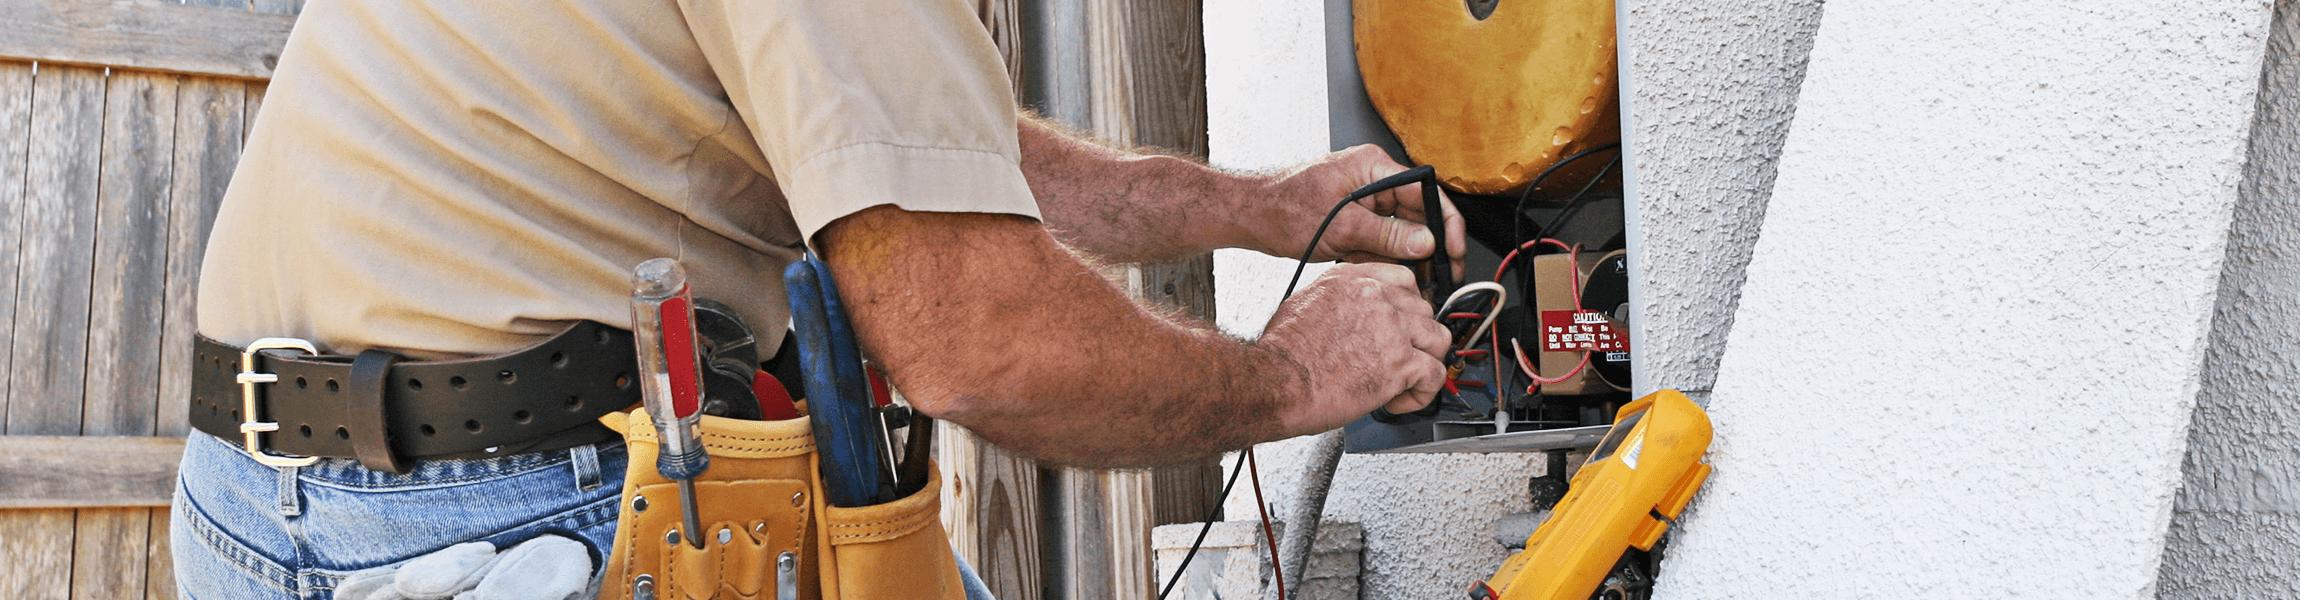 air conditioning repair Hattiesburg MS